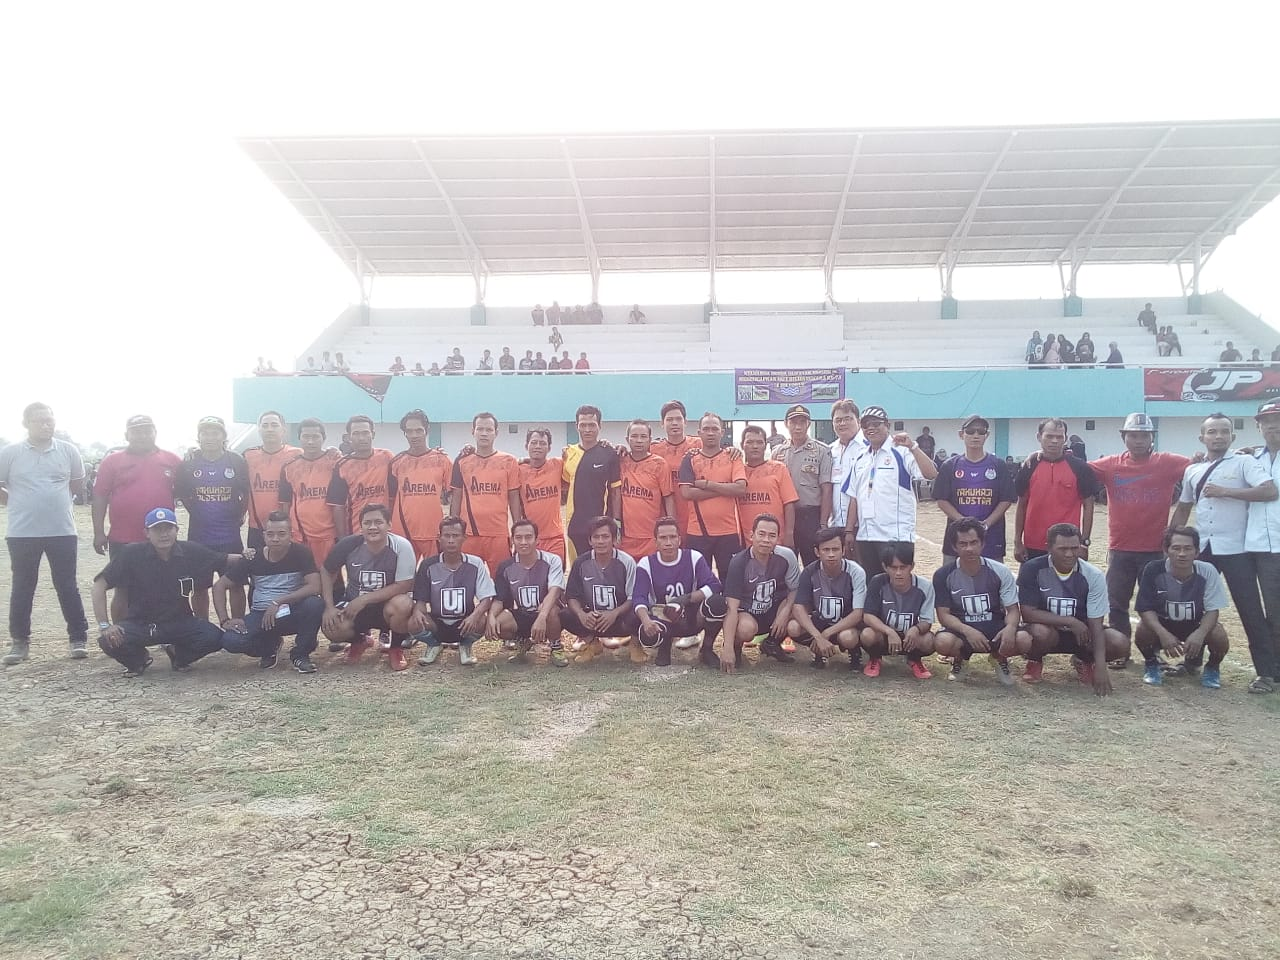 Meriahkan HUT RI Ke-74, Koni Kecamatan Pakuhaji Gelar Turnamen Sepak bola